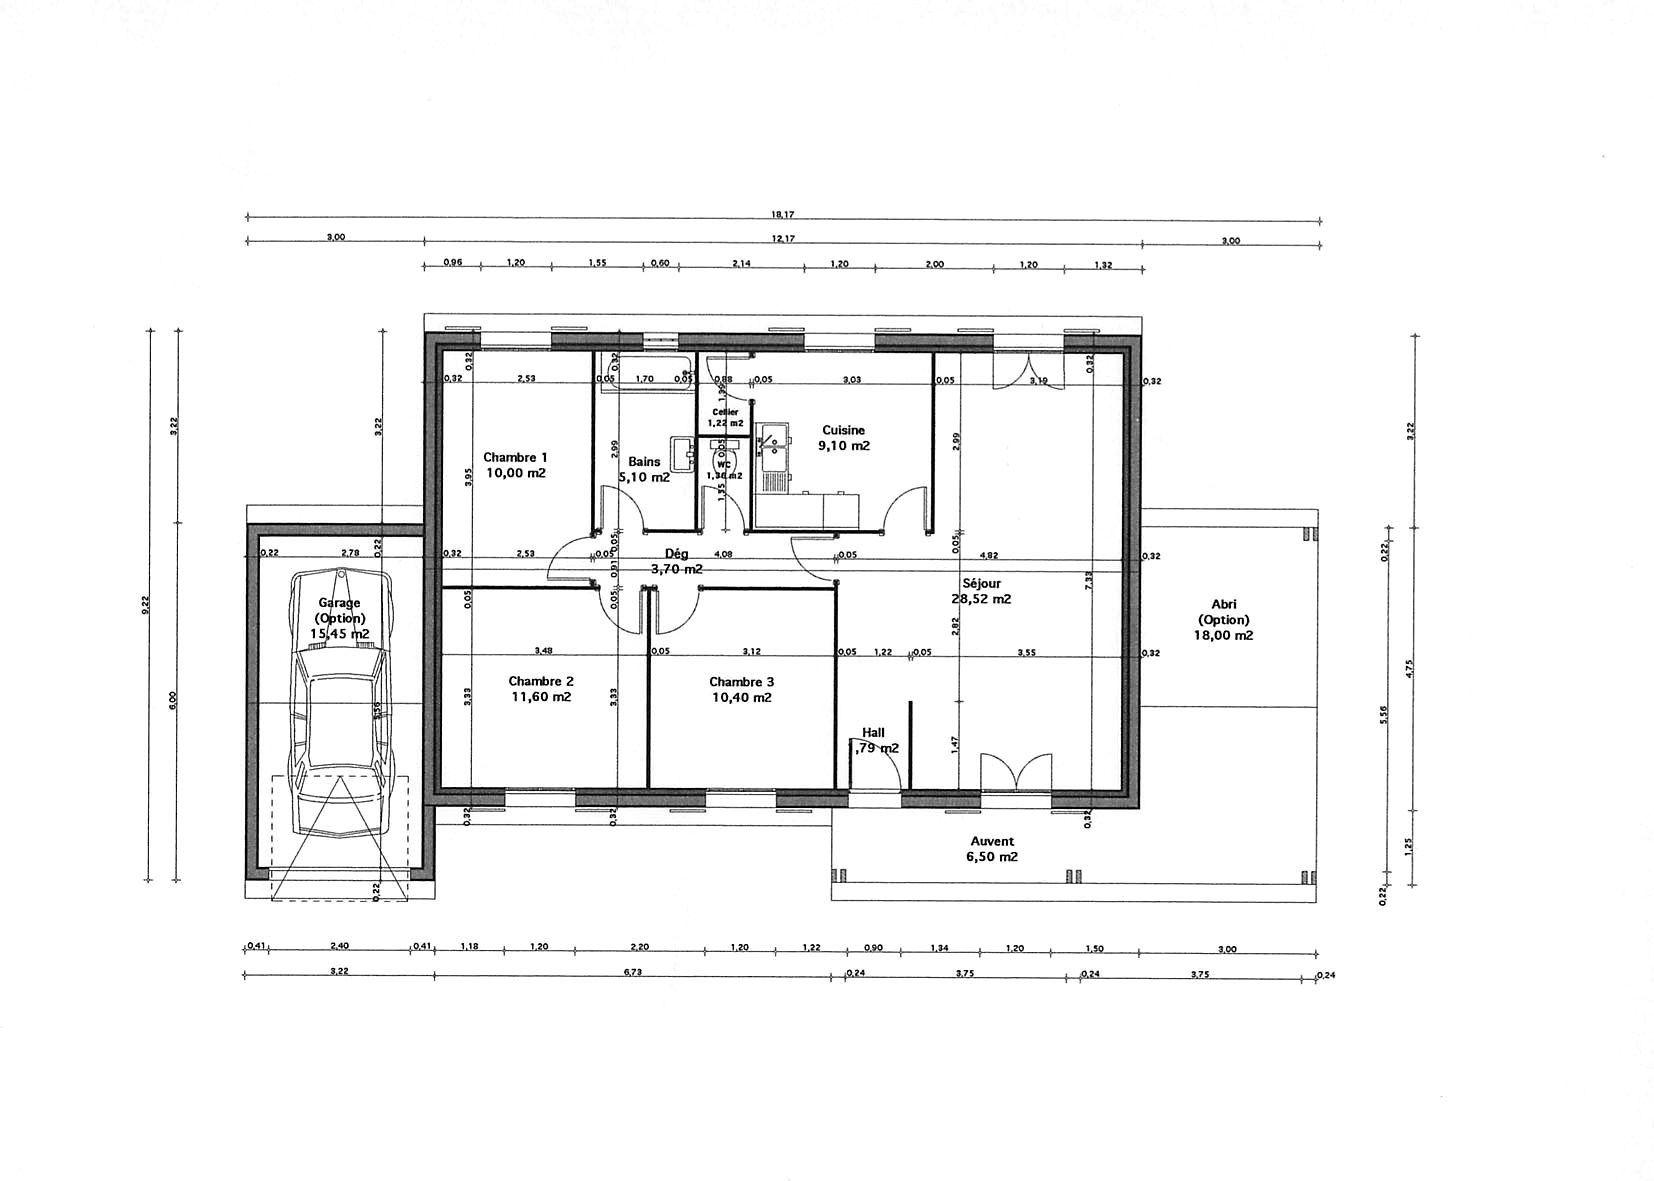 33 Logiciel Plan Maison Simple Plan De La Maison Plan De Maison Gratuit Logiciel Plan Maison Plans De Maison Duplex